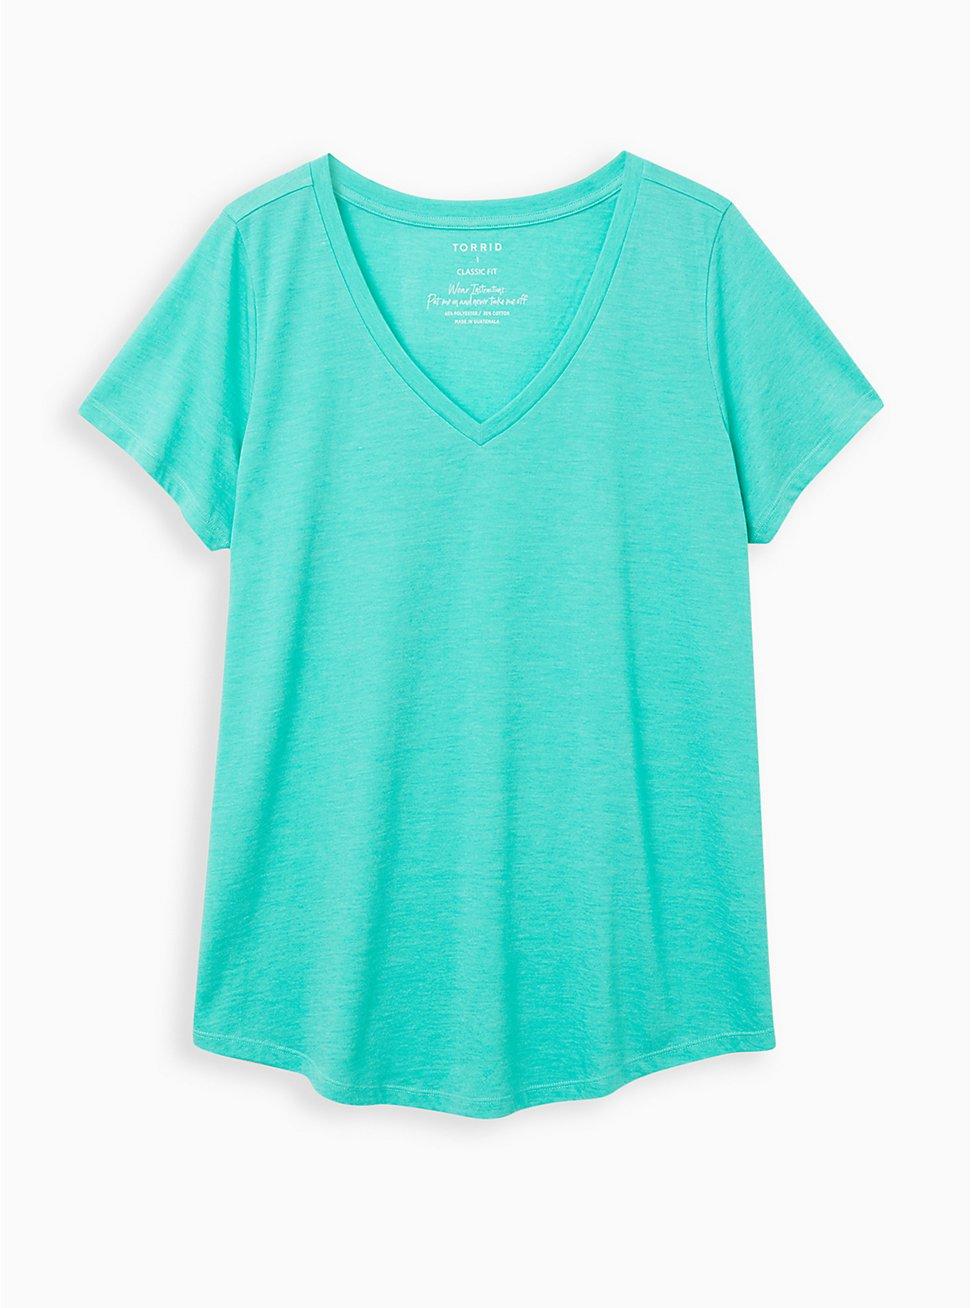 Girlfriend Tee - Signature Jersey Aqua Green, AQUA GREEN, hi-res